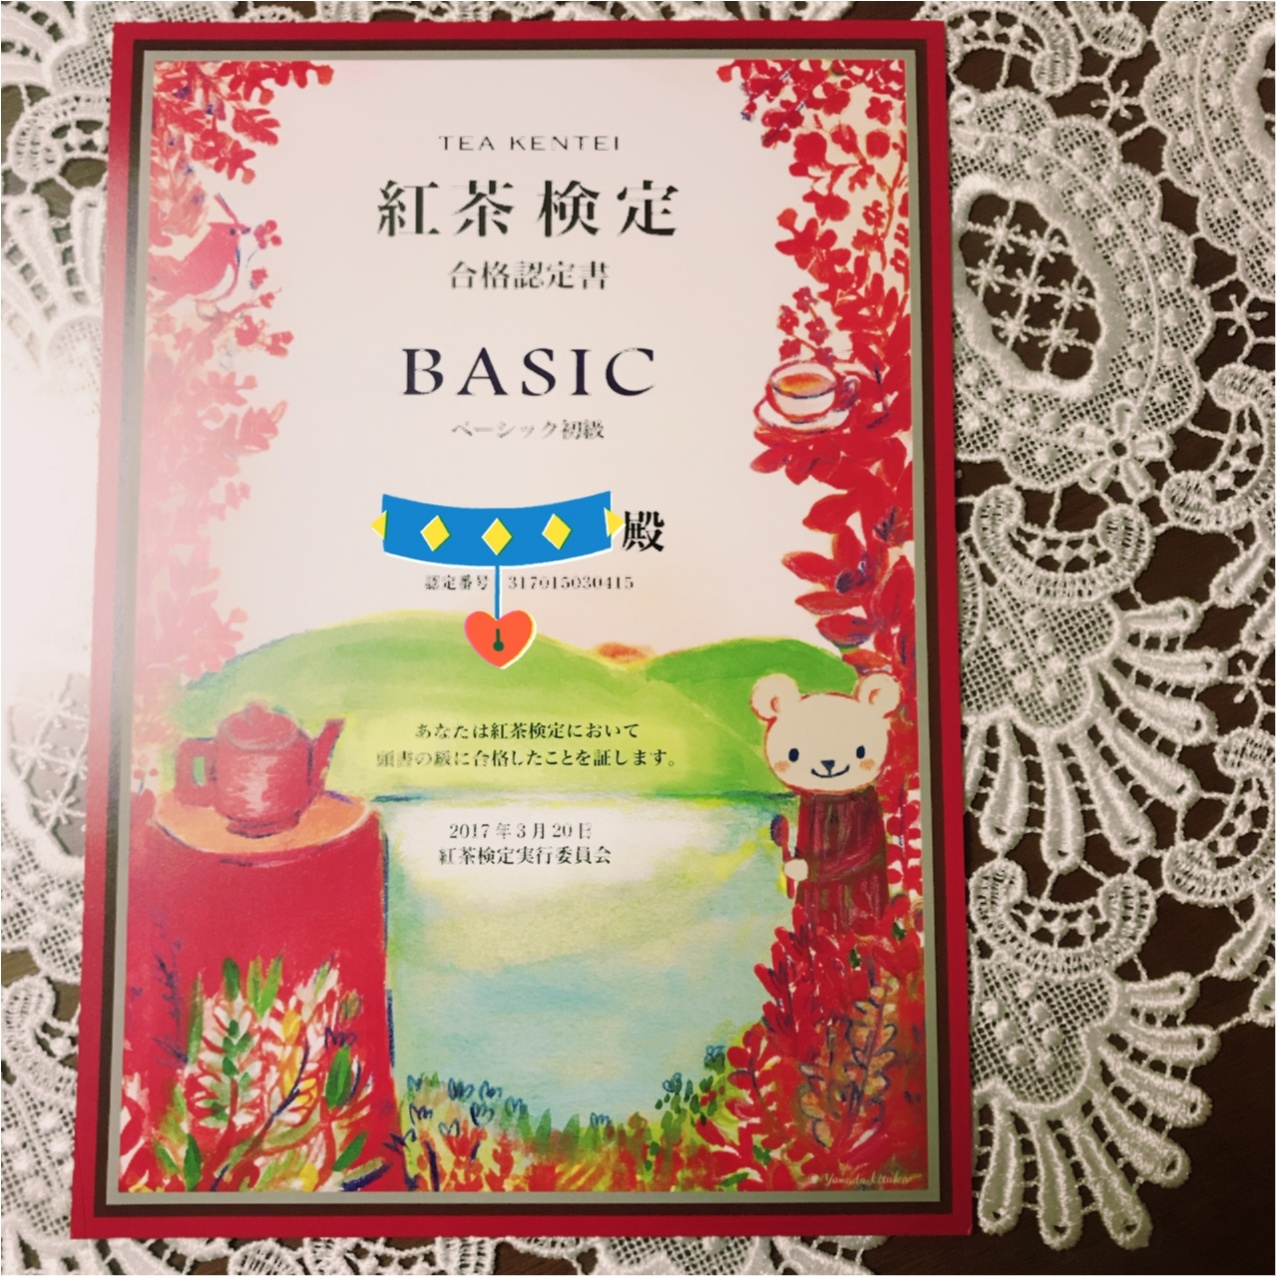 【cafe time】紅茶好き必見!こんな検定はいかが?かわいいあのカレルチャペック描きおろし認定証も!_1